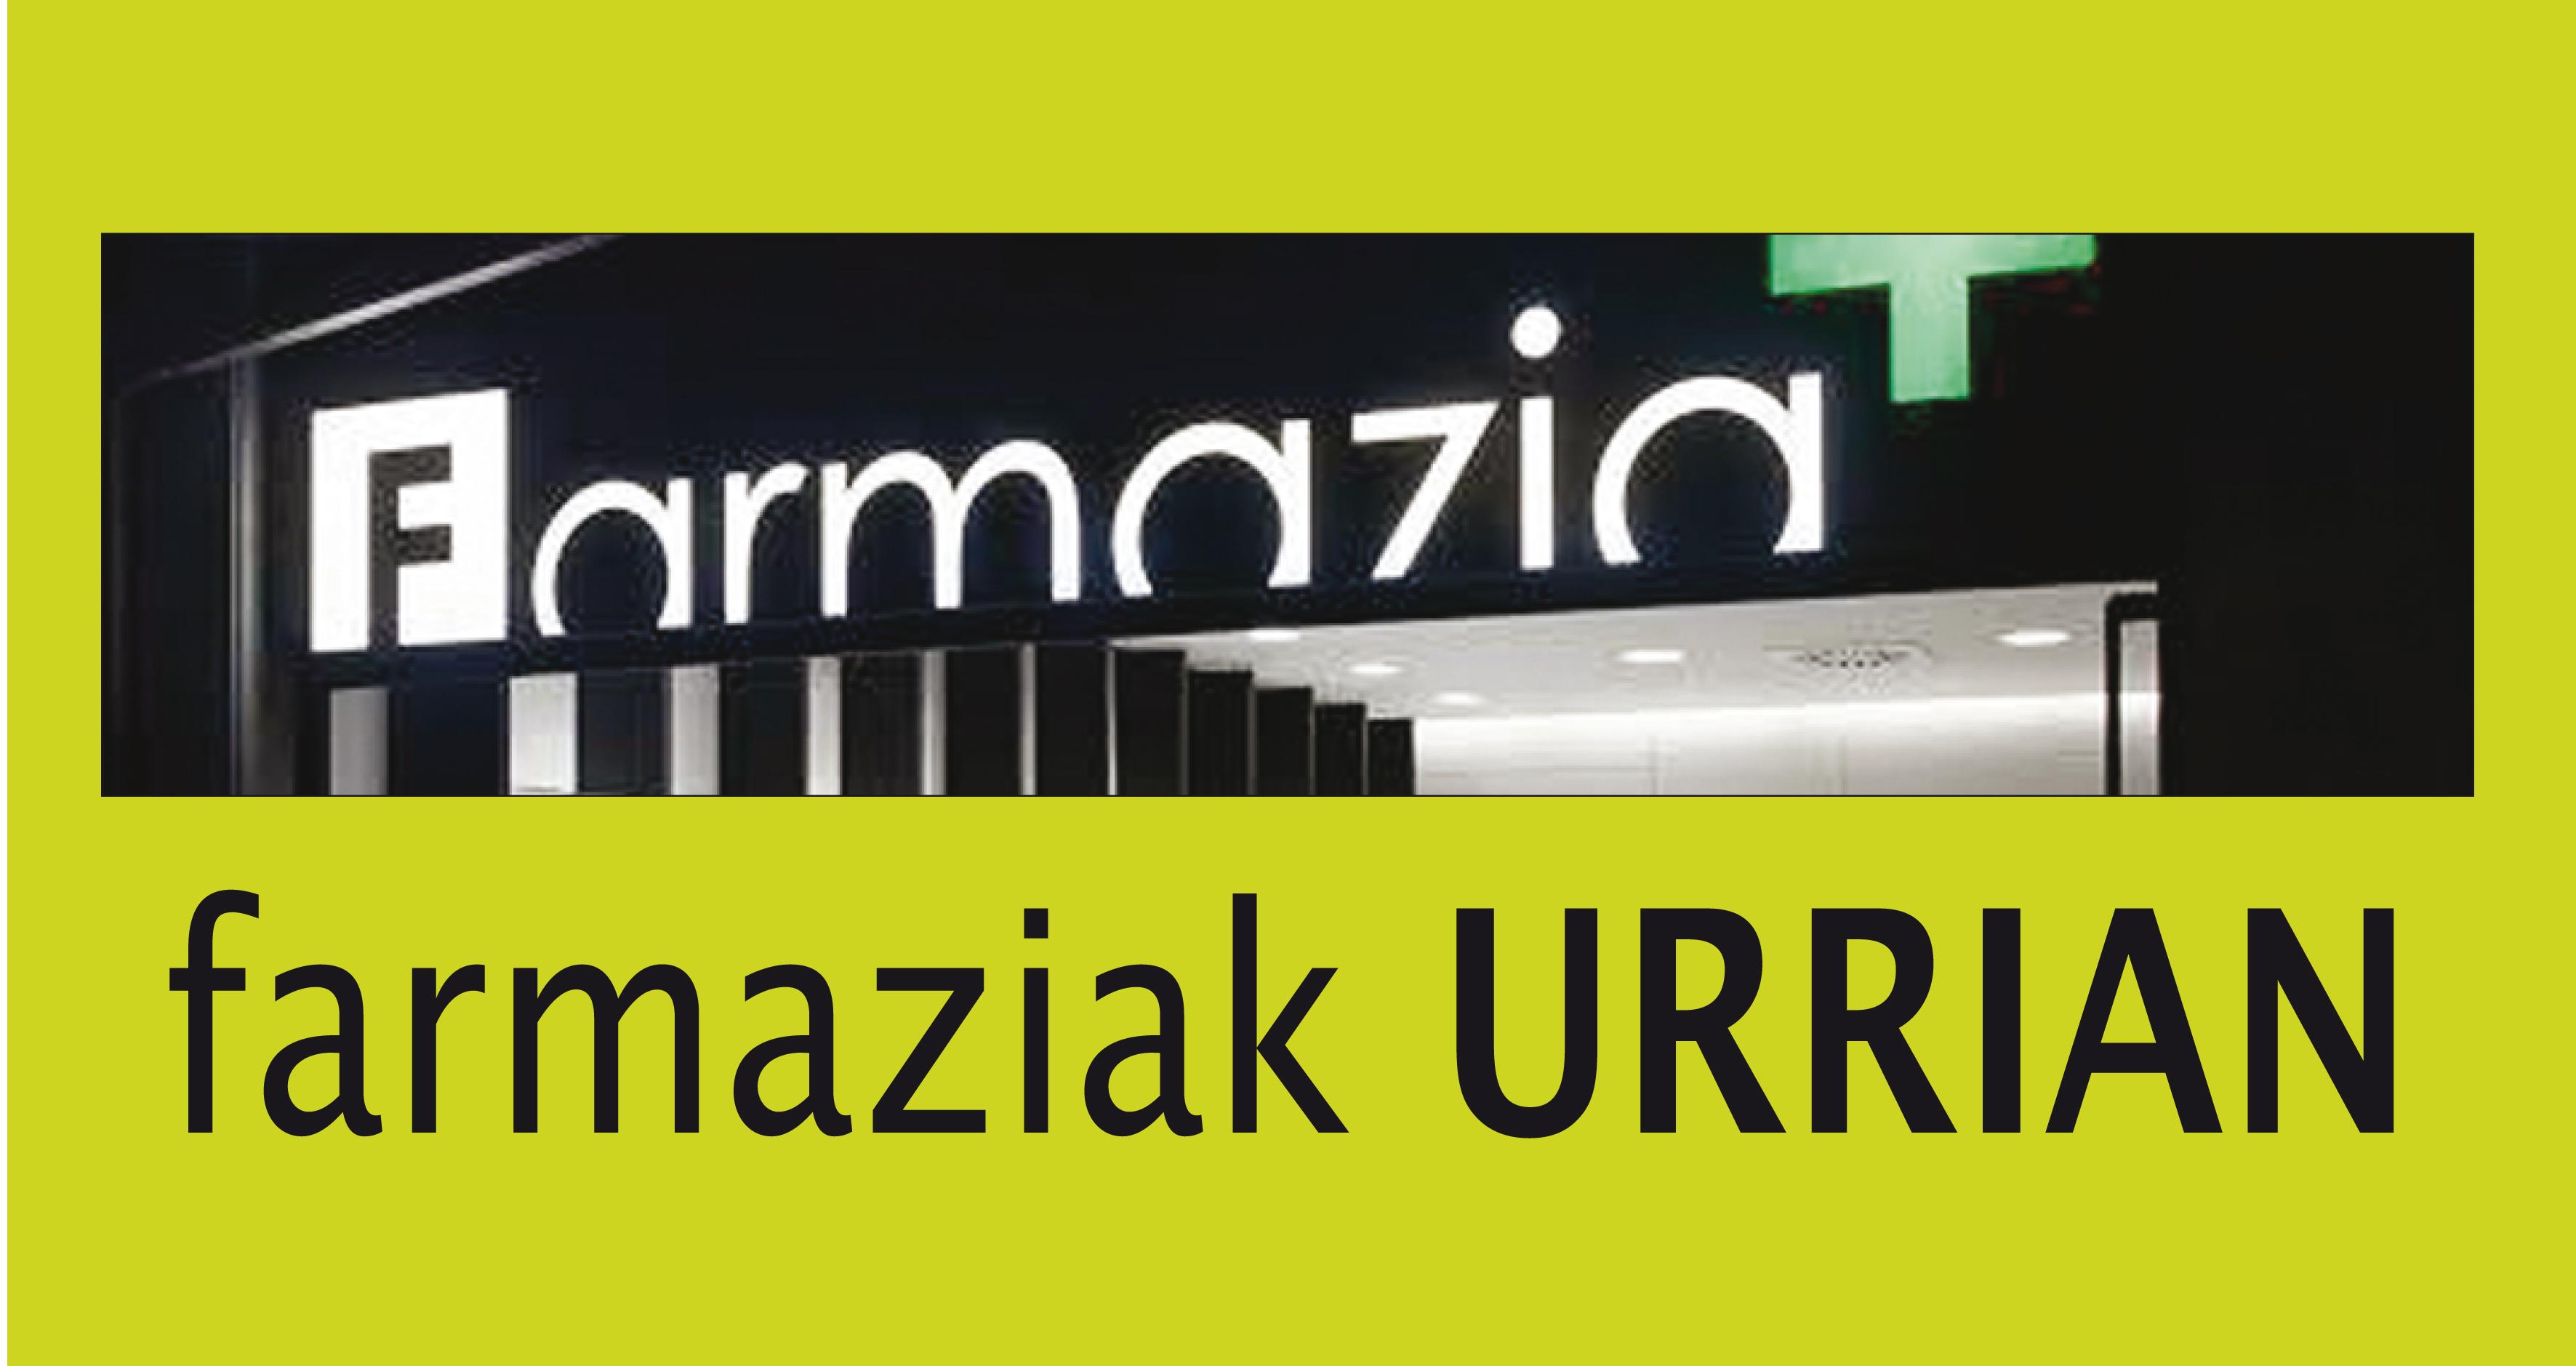 banner-farmaziak-urria.jpg